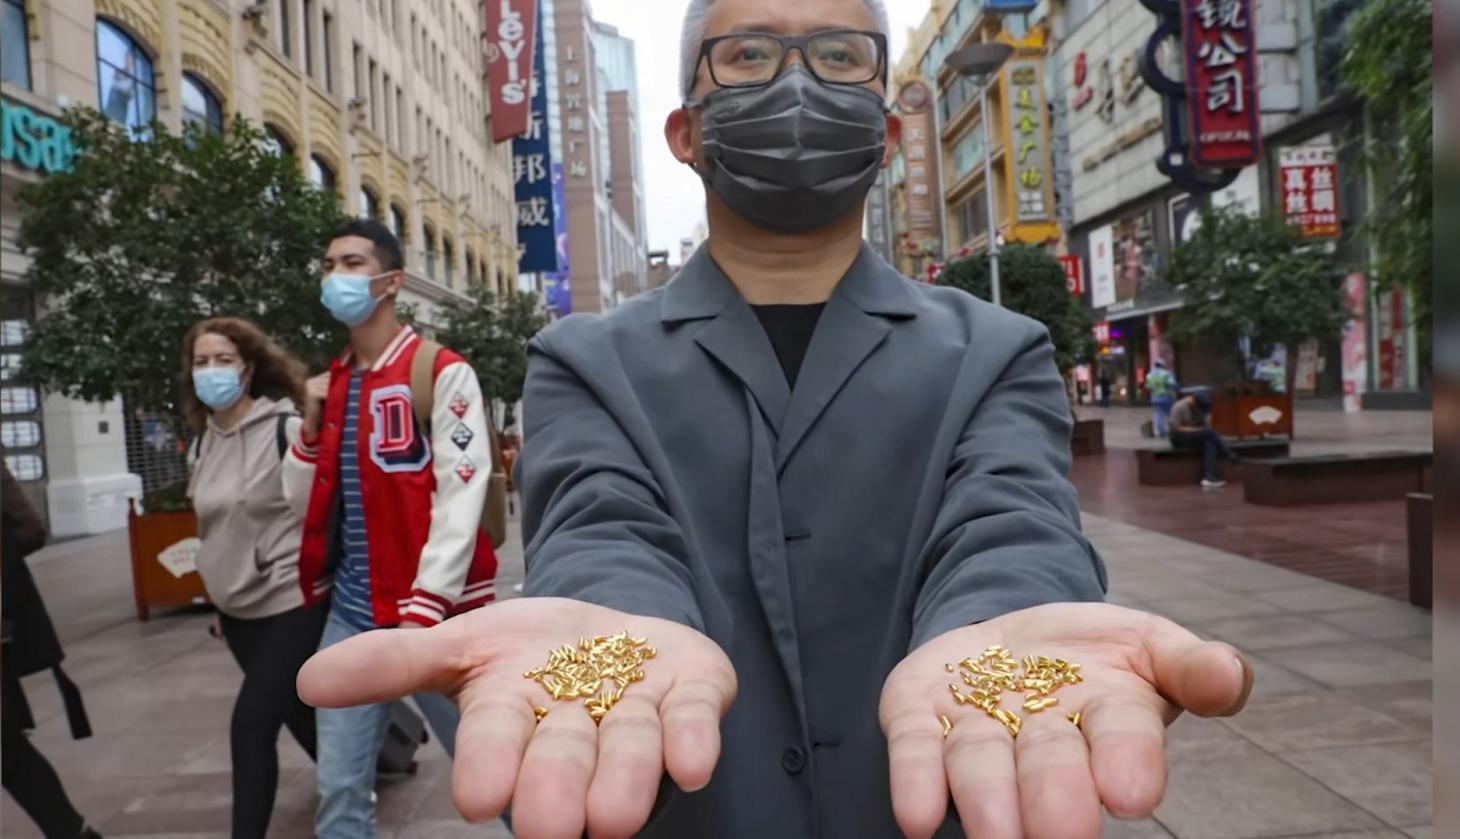 艺术家用500克黄金制千粒米扔江中 以浪费制止浪费是作秀还是艺术?